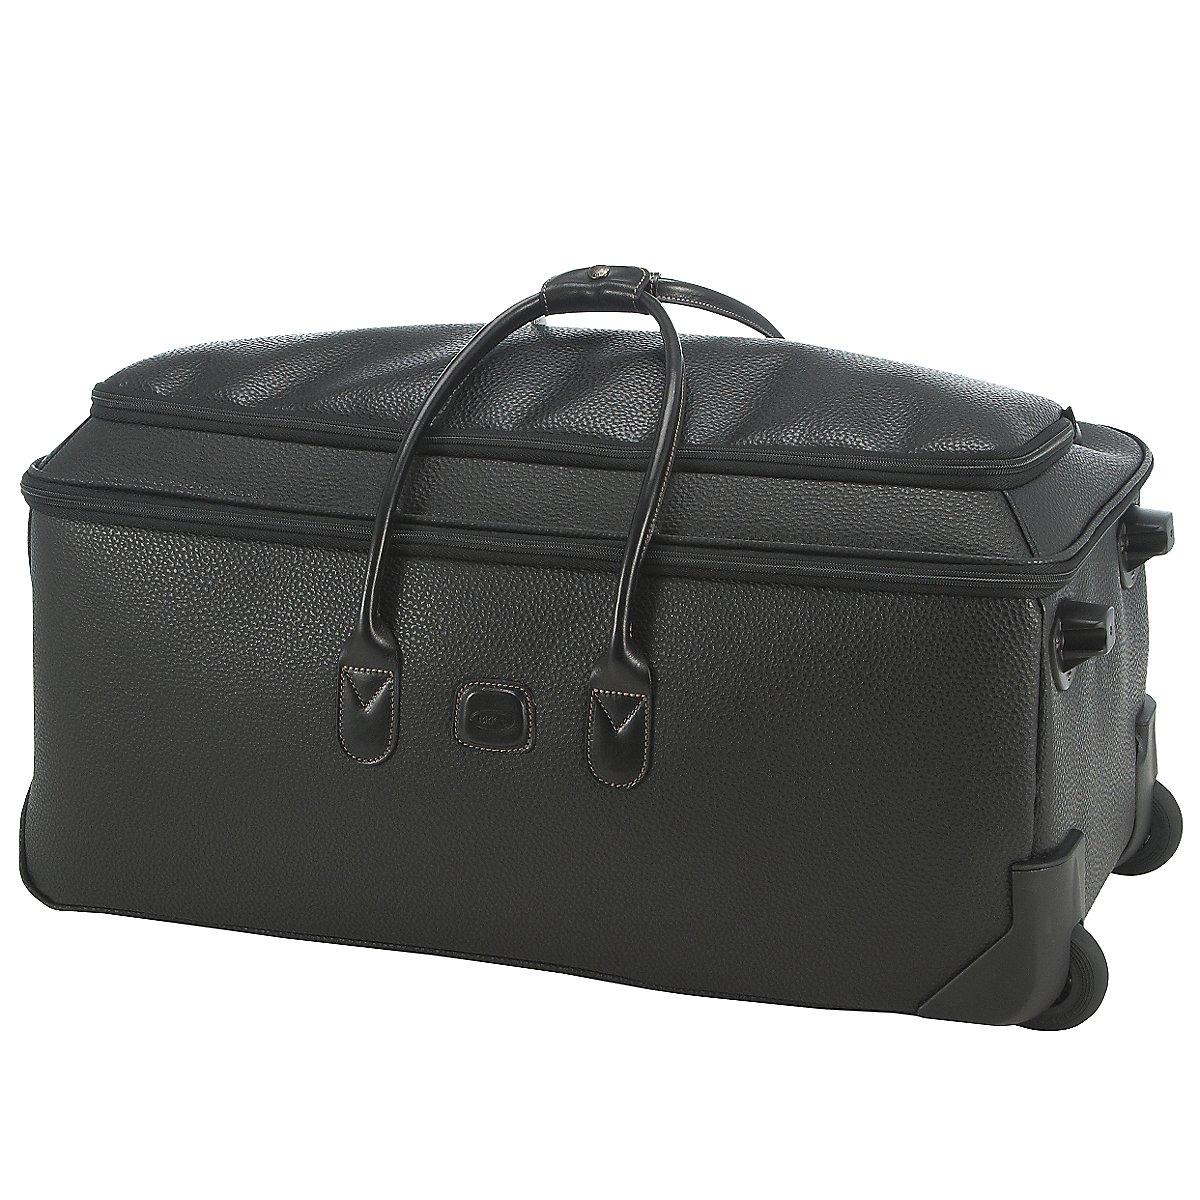 brics magellano reisetasche auf rollen 72 cm koffer. Black Bedroom Furniture Sets. Home Design Ideas